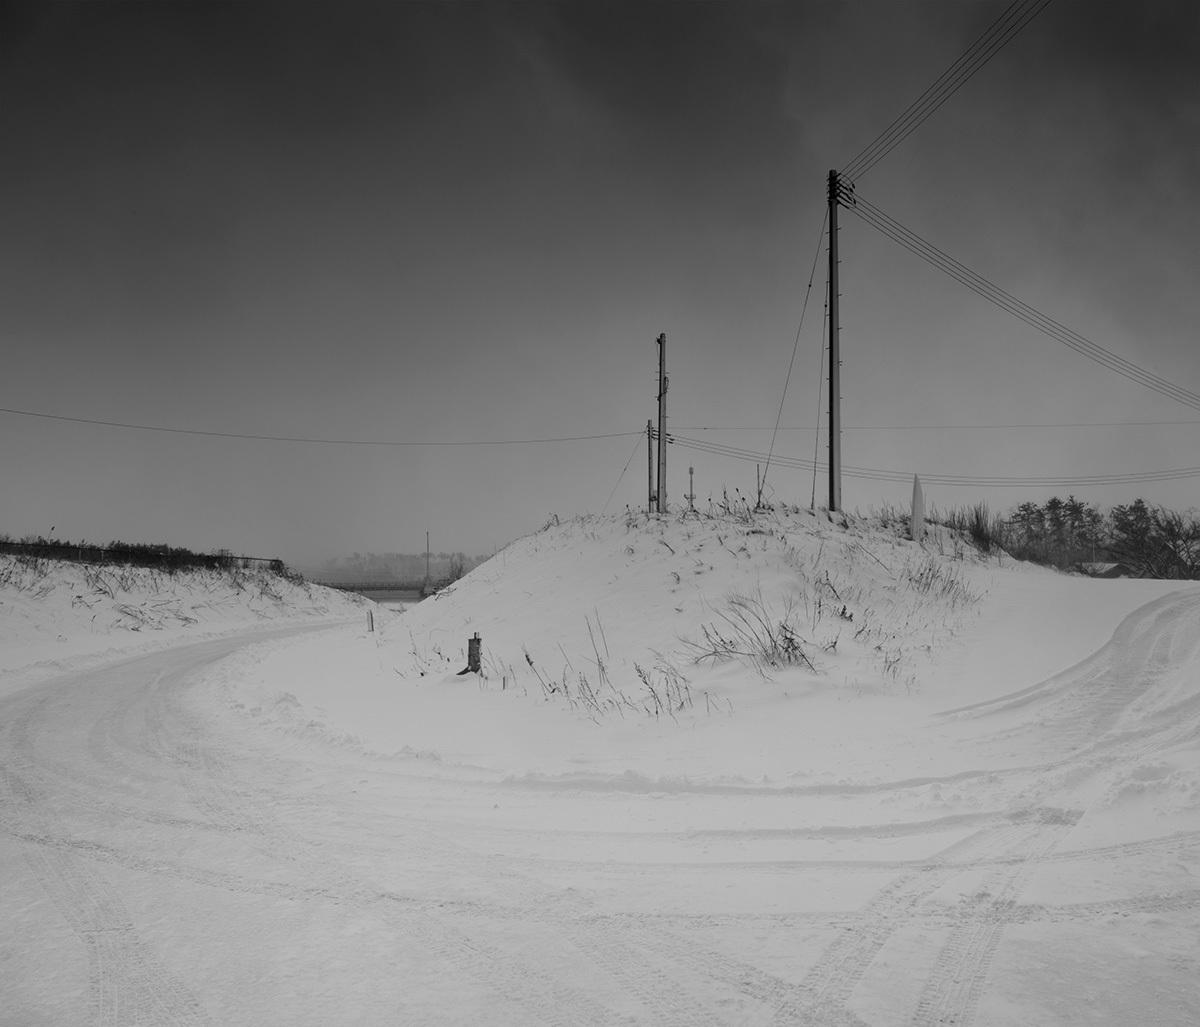 今日でなければ撮れなかった風景 cold wave #FUJIGFX50S_c0065410_21574526.jpg